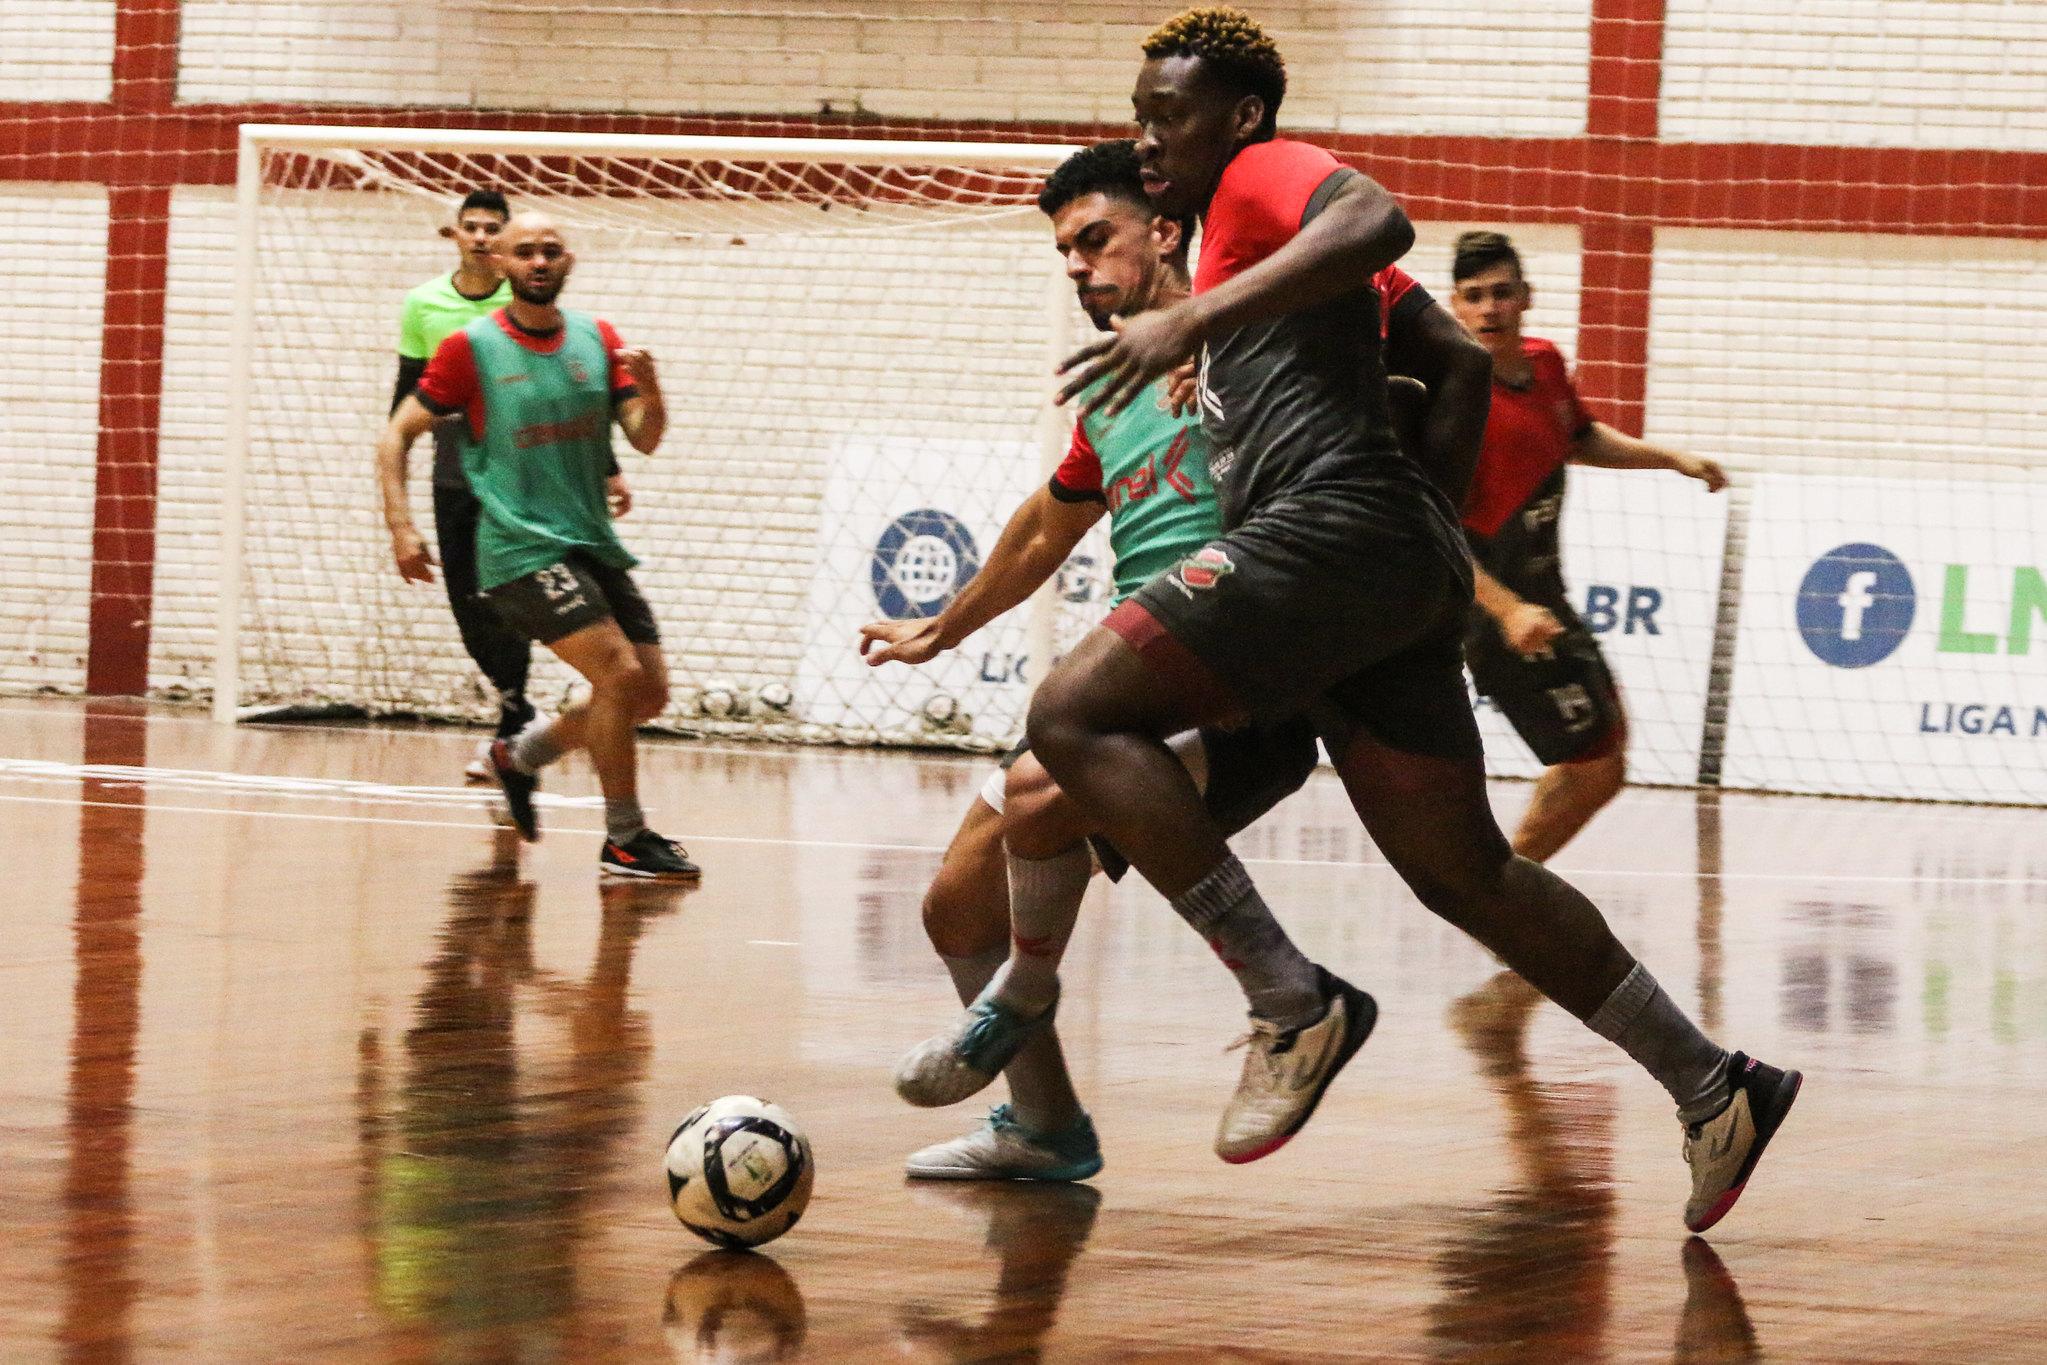 Foto: Atlântico Futsal/Imprensa